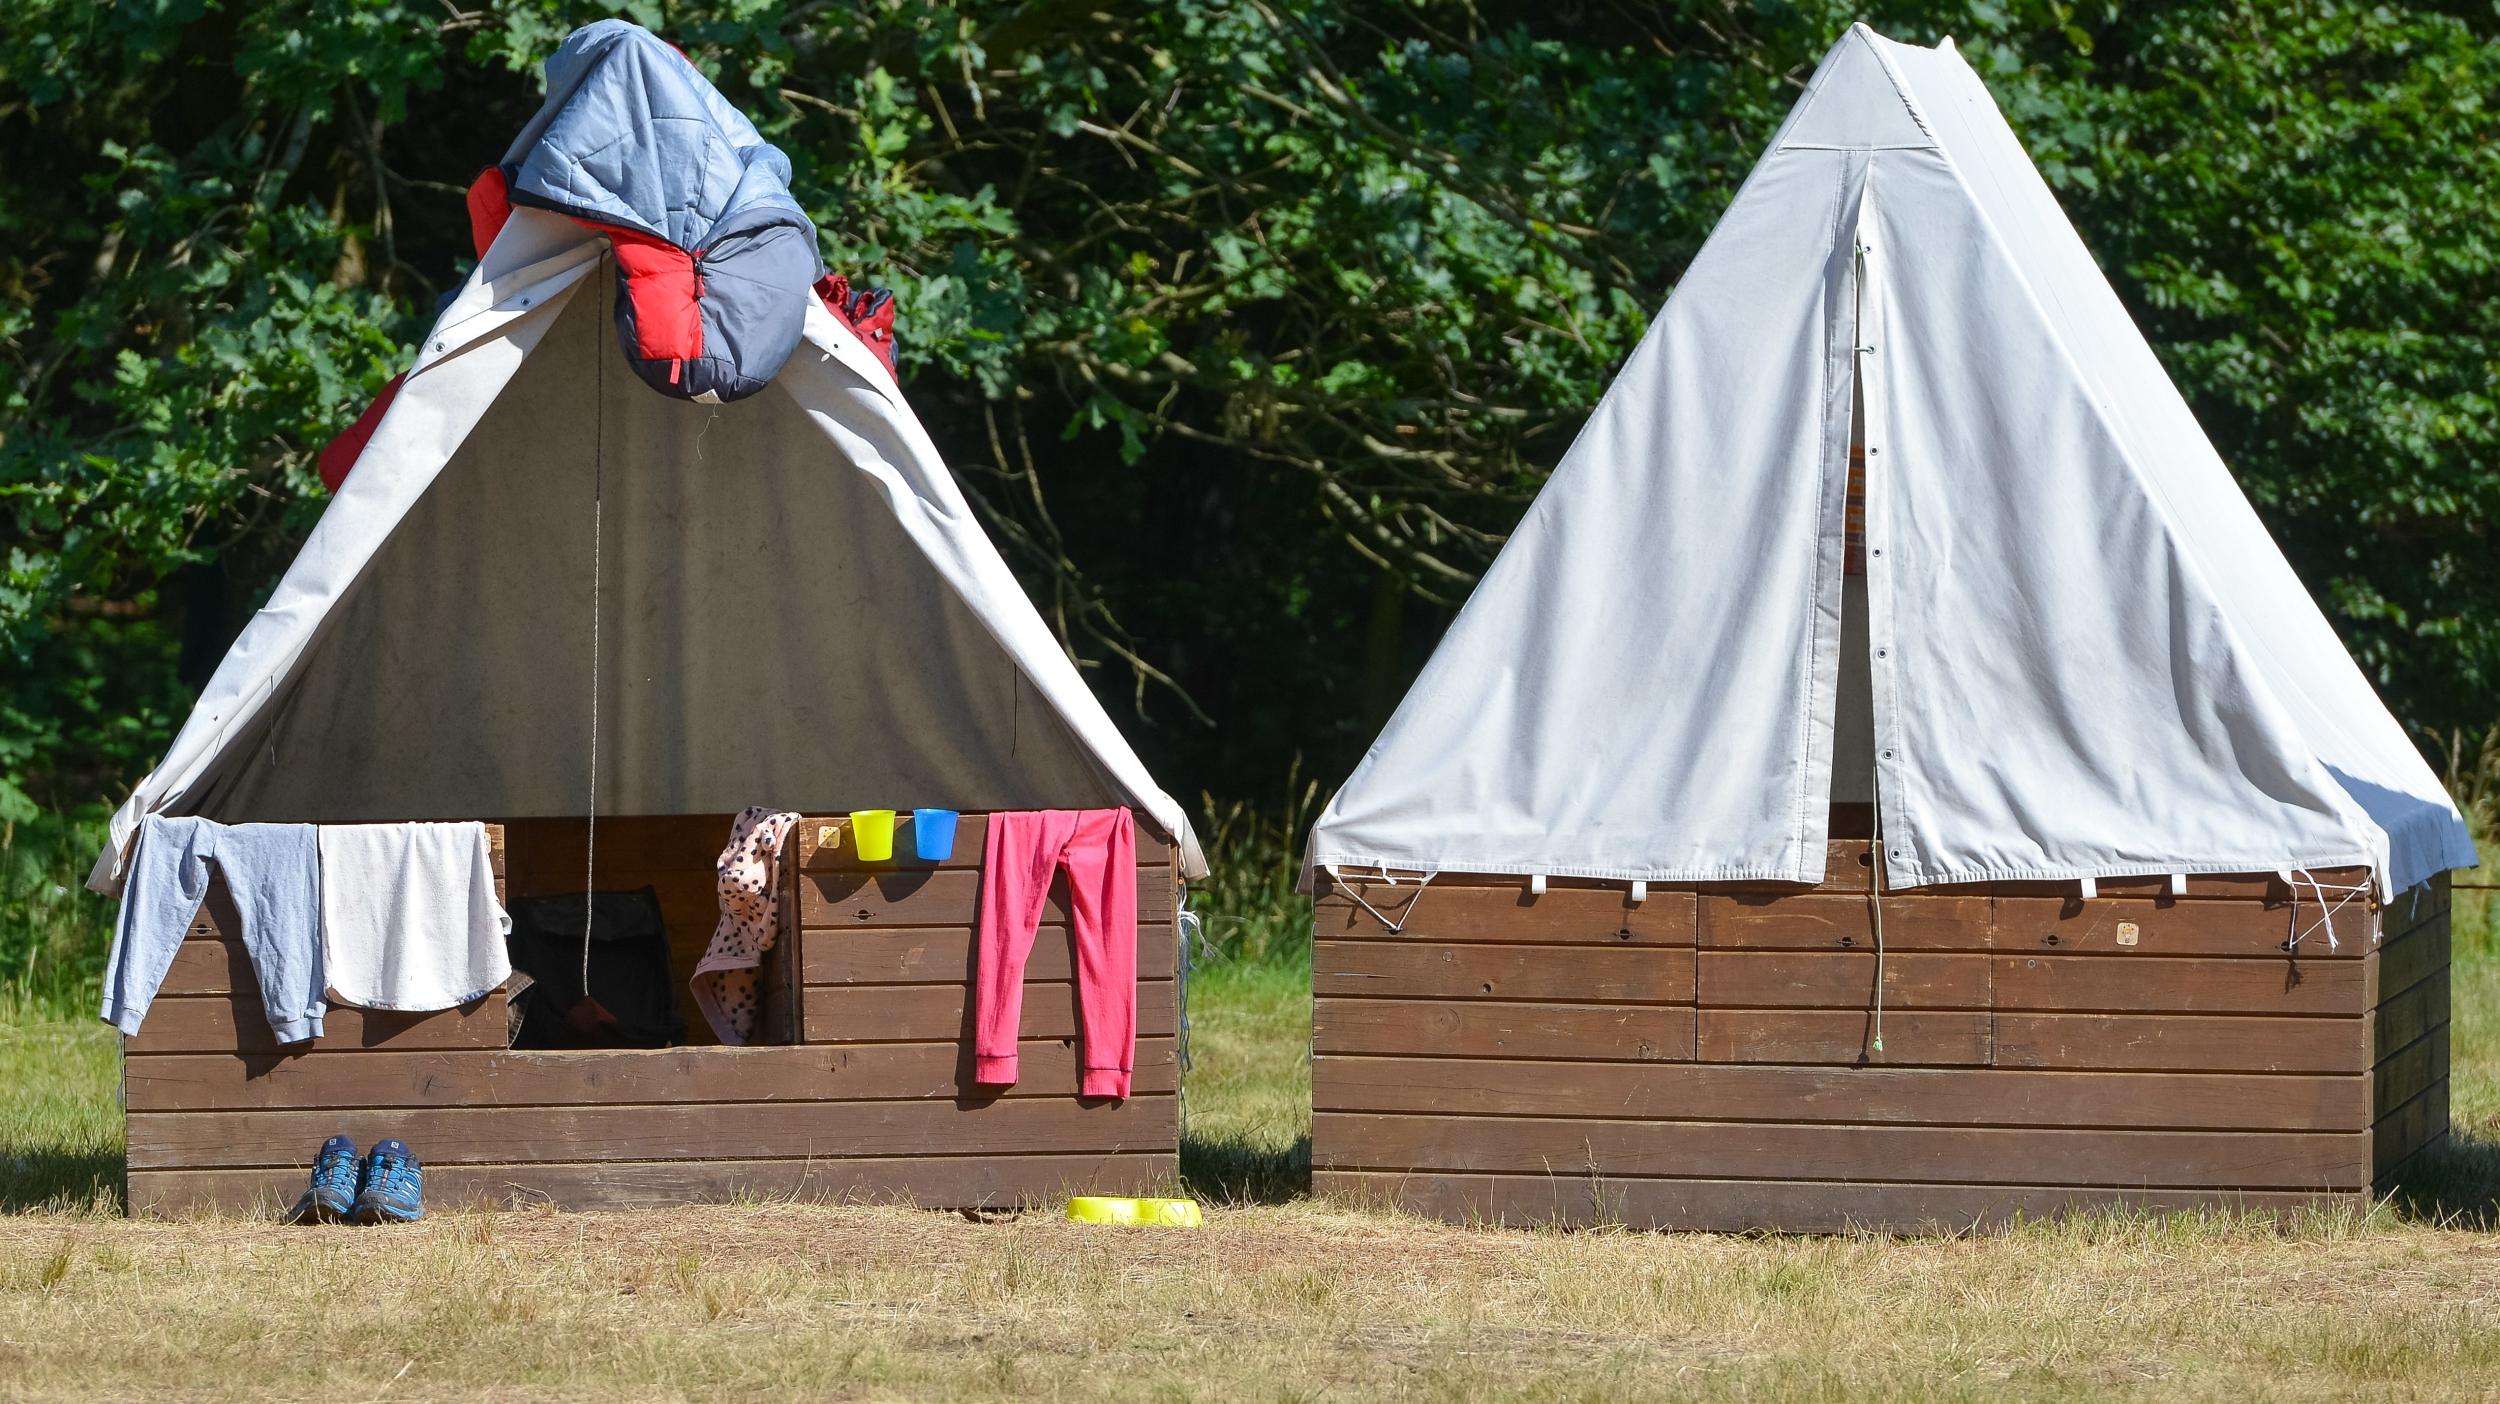 Летние лагеря, вероятно, будут разрешены в этом году